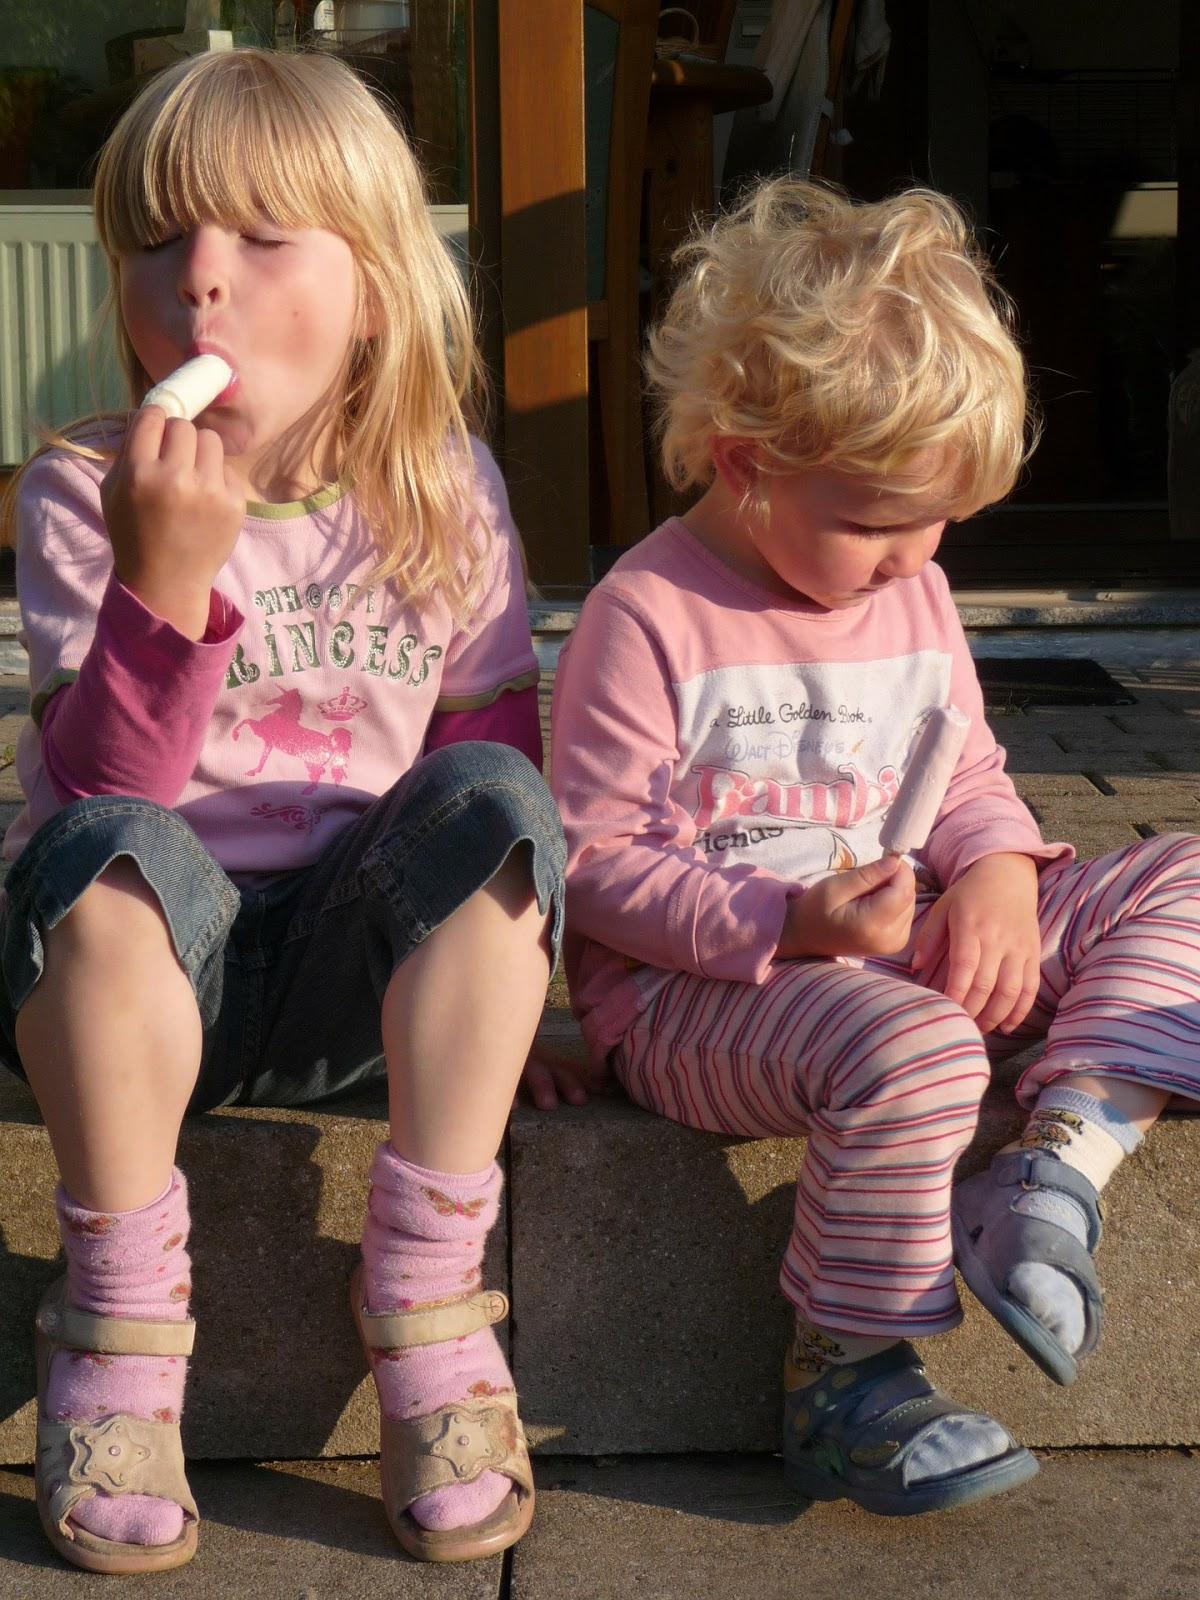 Kinder Sandalen Test auf Schadstoffe: auf Leder besser